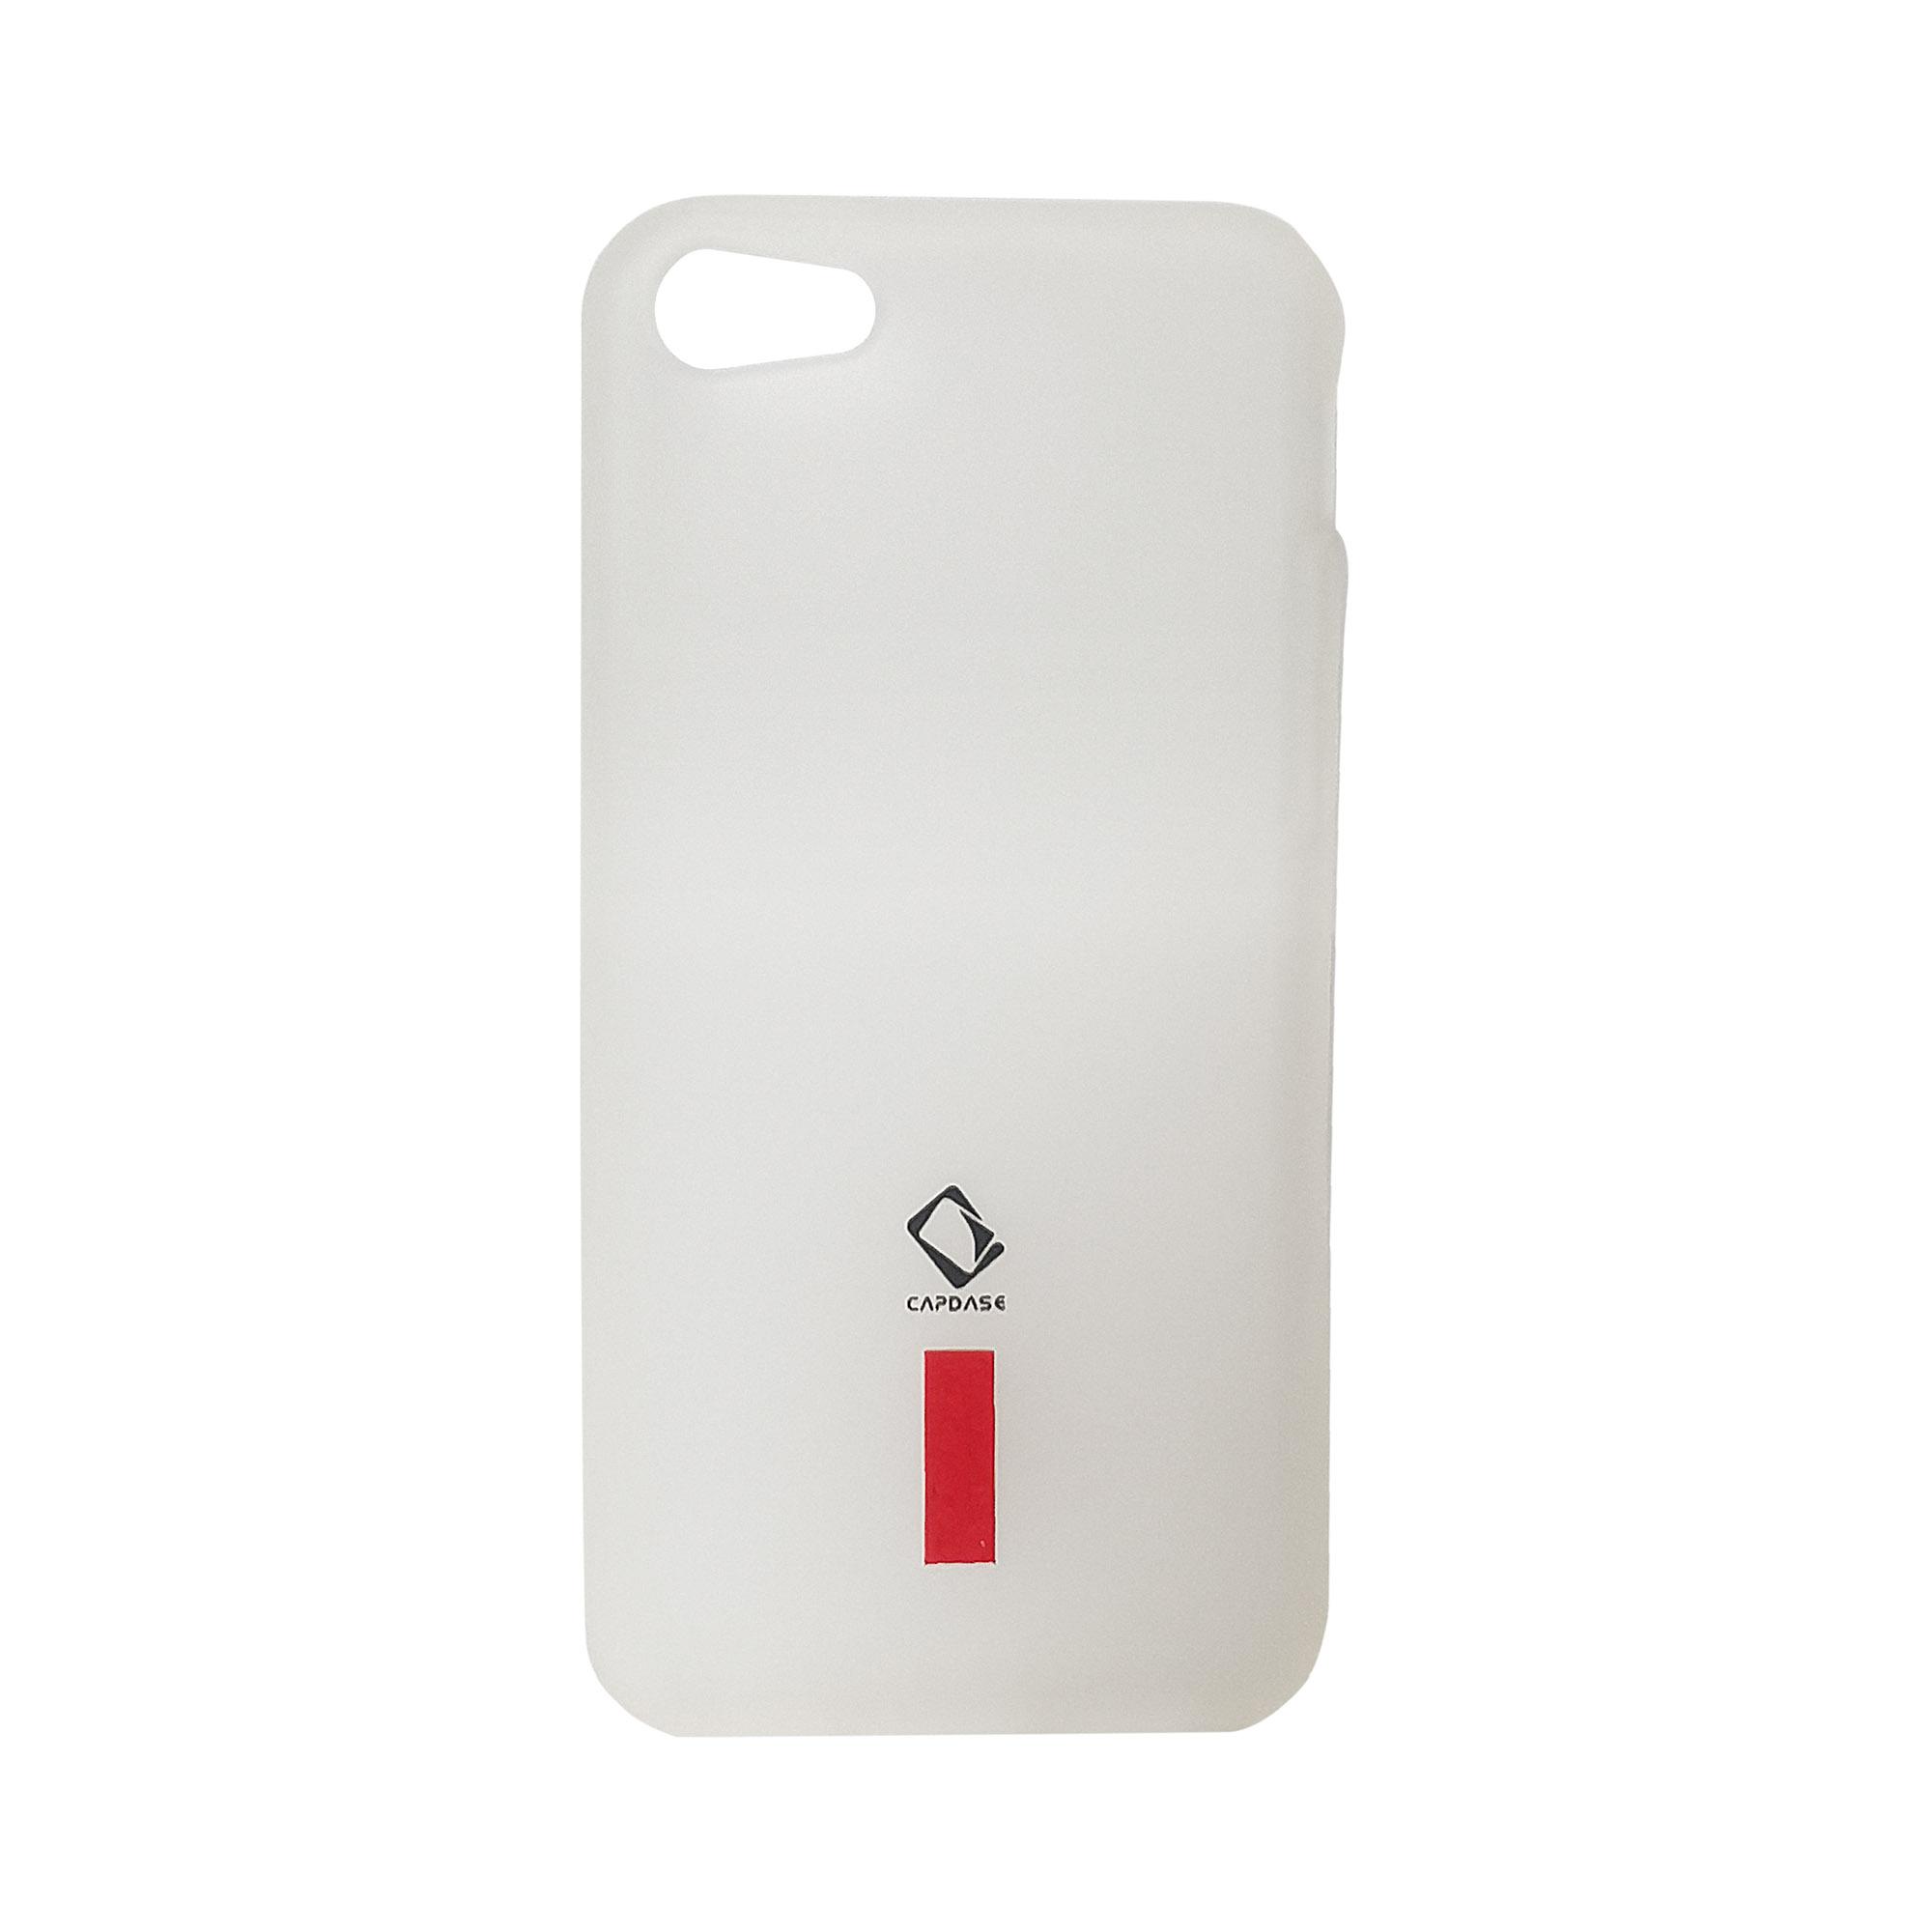 کاور کپدیس مدل SJ-2 مناسب برای گوشی موبایل اپل Iphone 5C